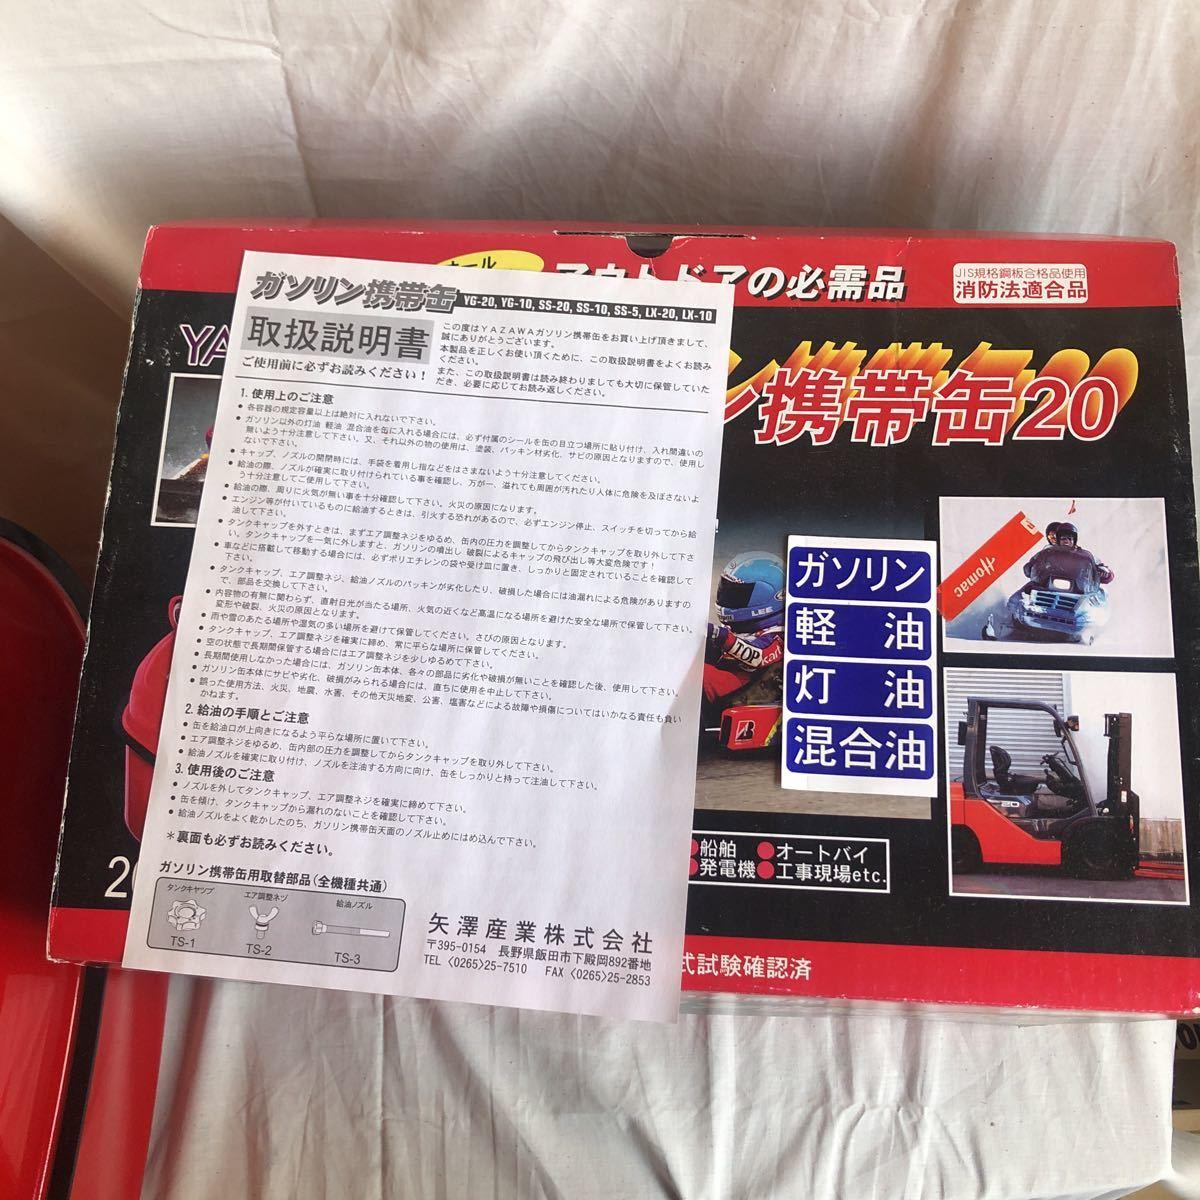 YAZAWA ガソリン携行缶 携帯缶 20リットル 鉄製容器 新品未使用 アウトドア オールシーズン JIS規格 消防法適合品_画像4